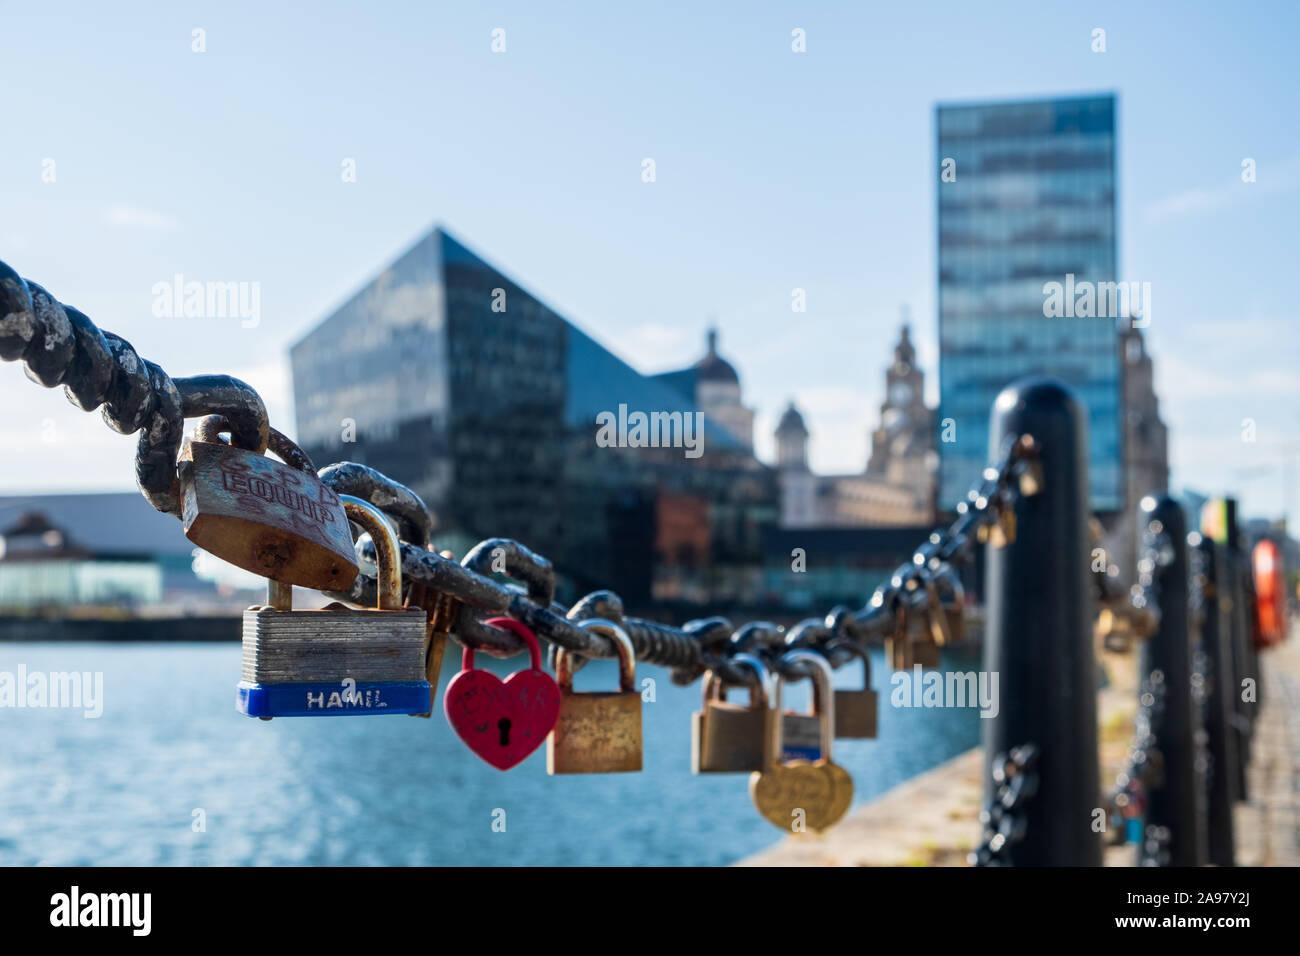 Liverpool, Reino Unido - 18 de julio de 2019: el amor candados en los muelles de Liverpool, el puerto de Liverpool, tarde en una tarde de verano Foto de stock